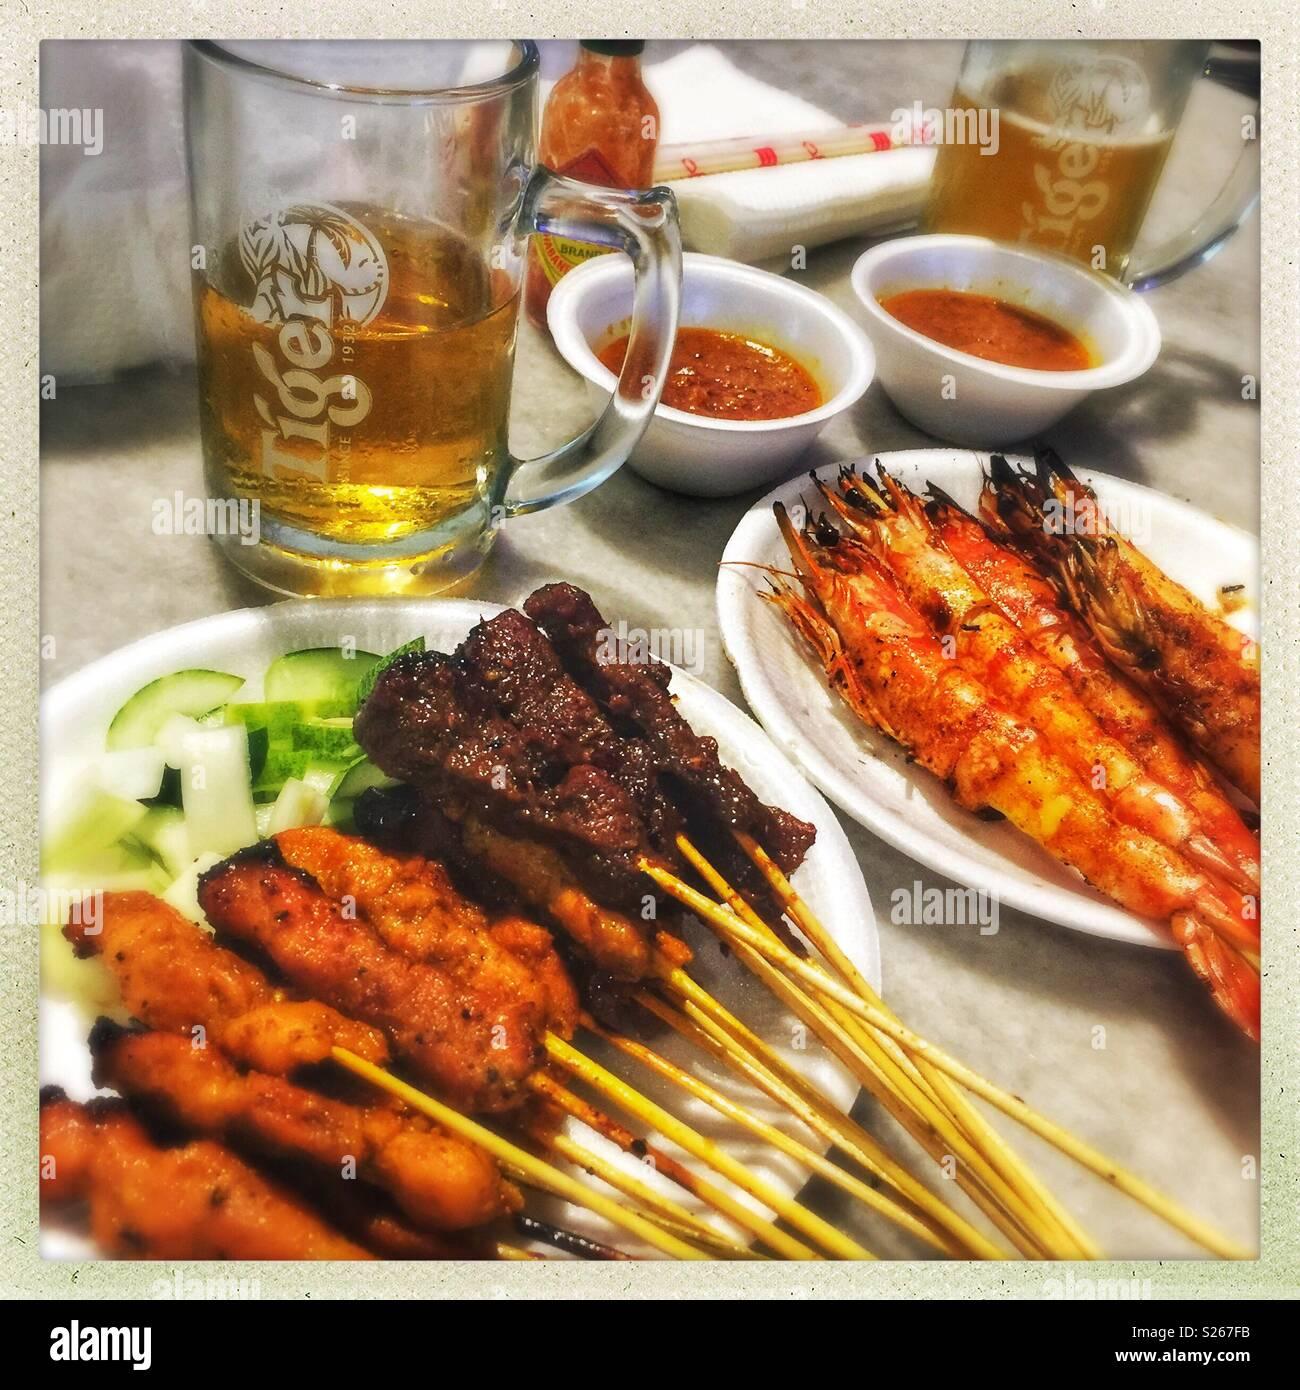 Satay und Tiger Beer - Abendessen im Lau Pa Sat (telok Ayer Food Market), Singapur Stockbild